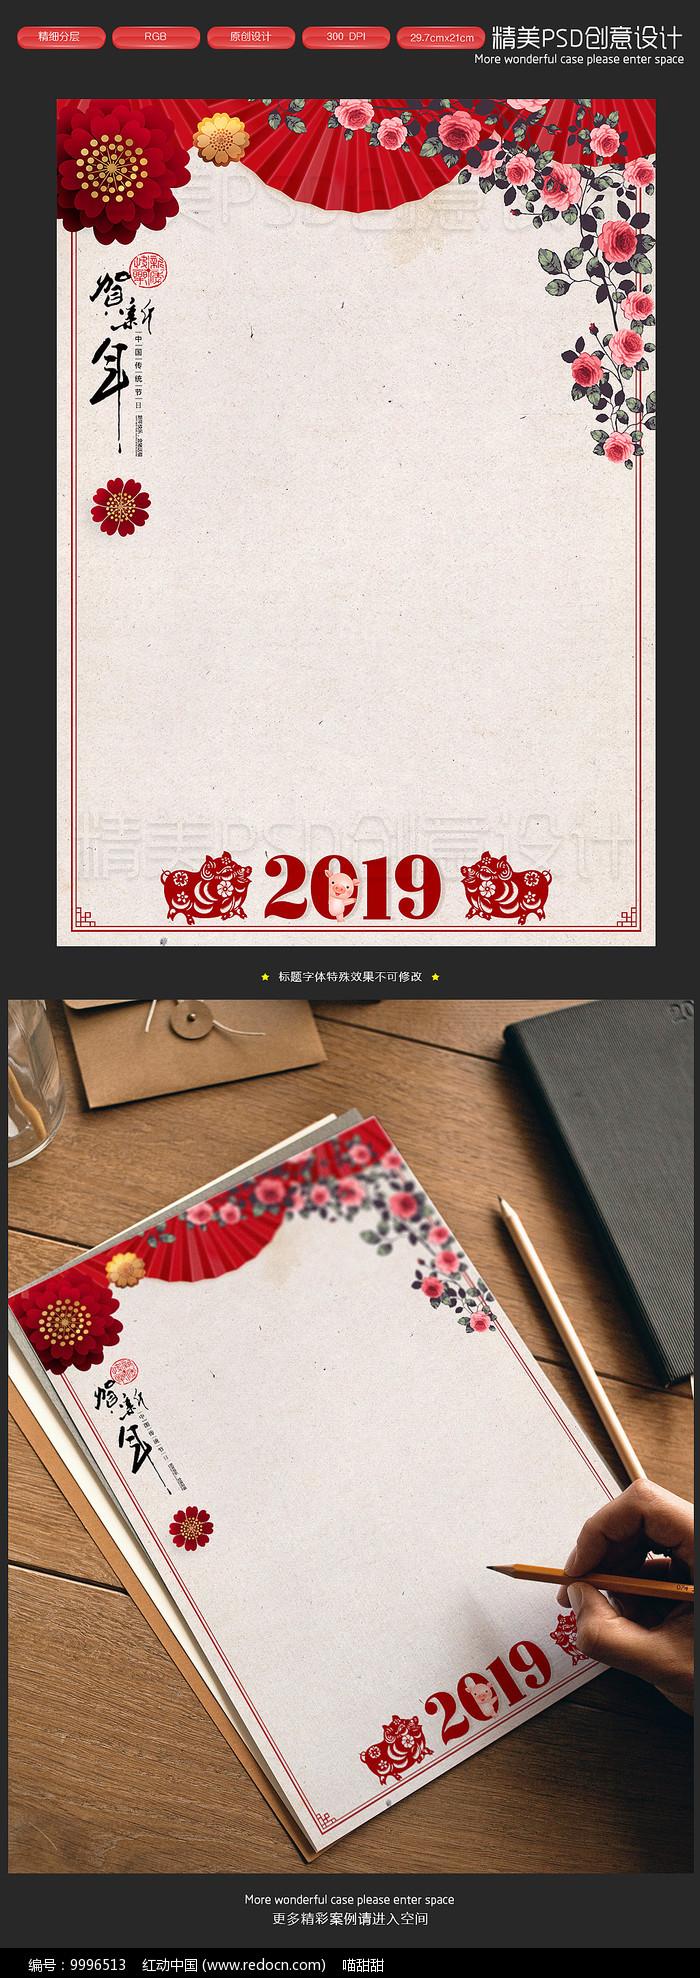 2019年祝福信纸贺卡图片